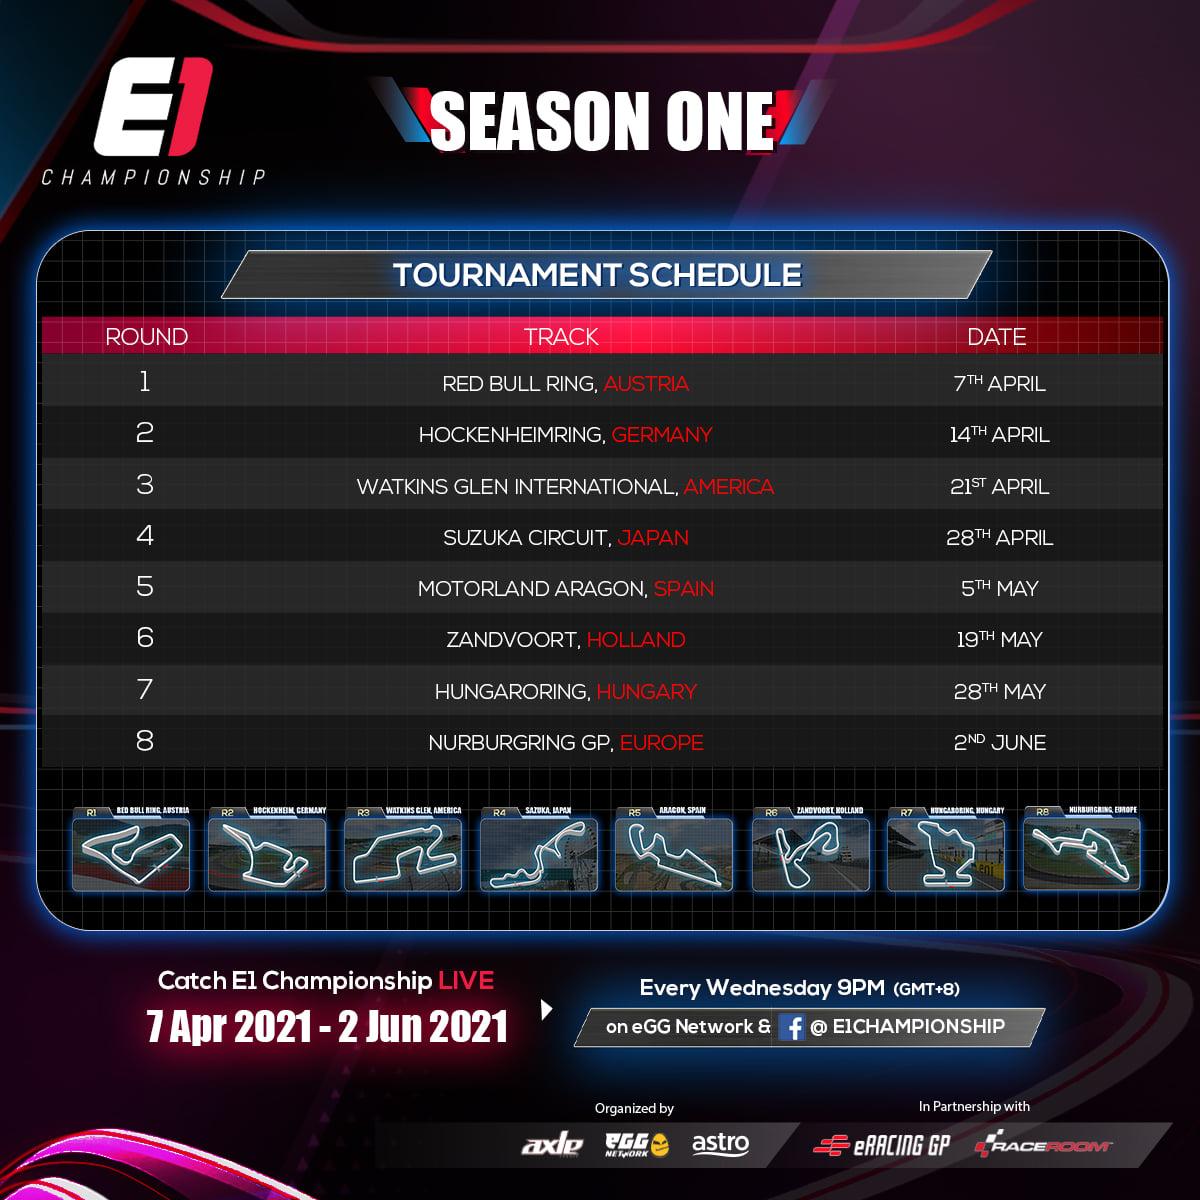 E1 Championship Tournament Schedule